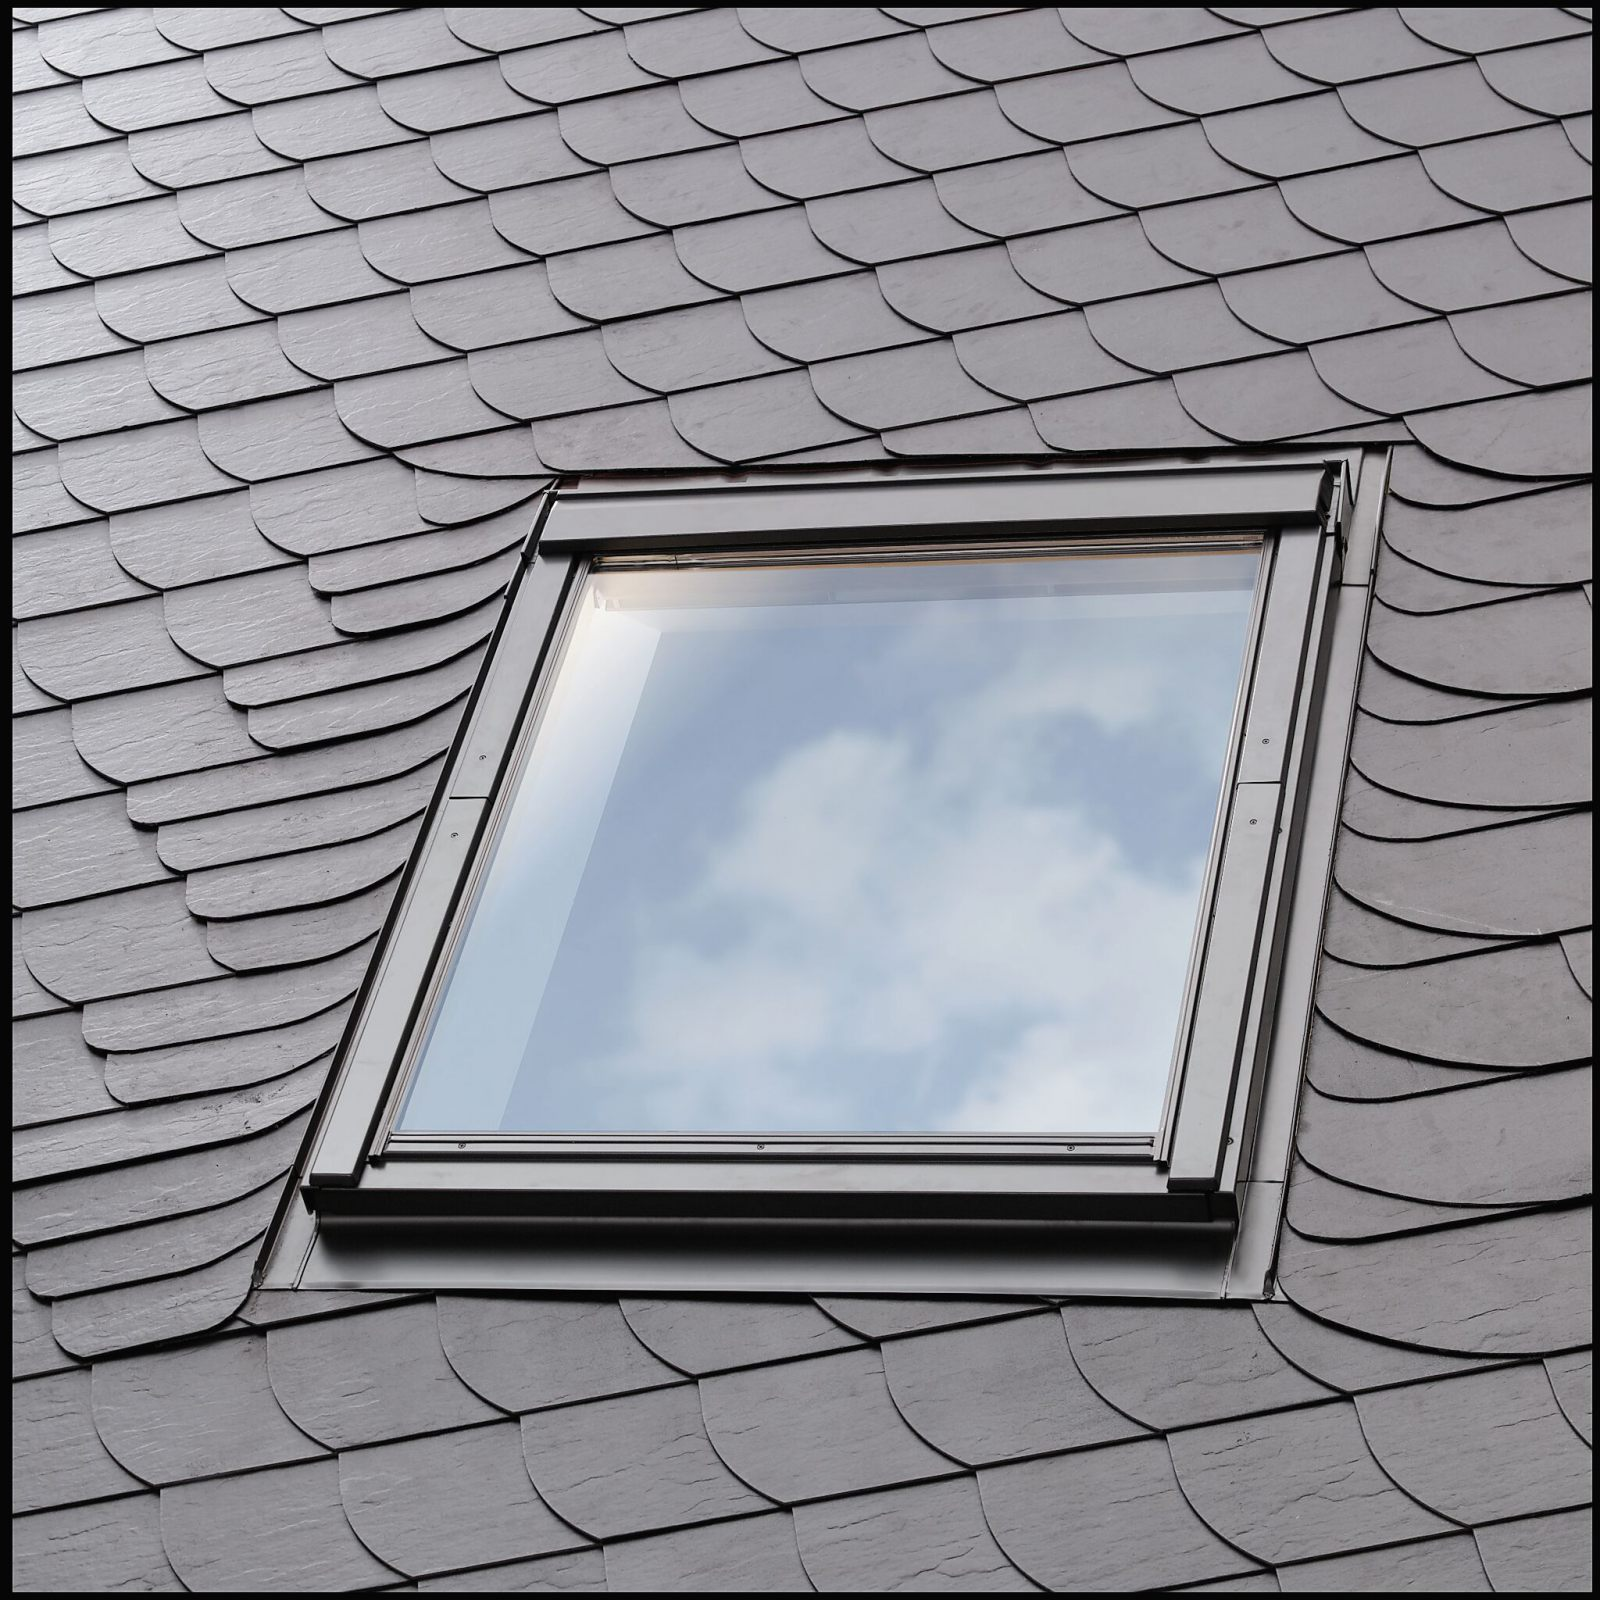 lemování EL 6000 pro výměnu střešního okna Velux: CK02 55x78 cm